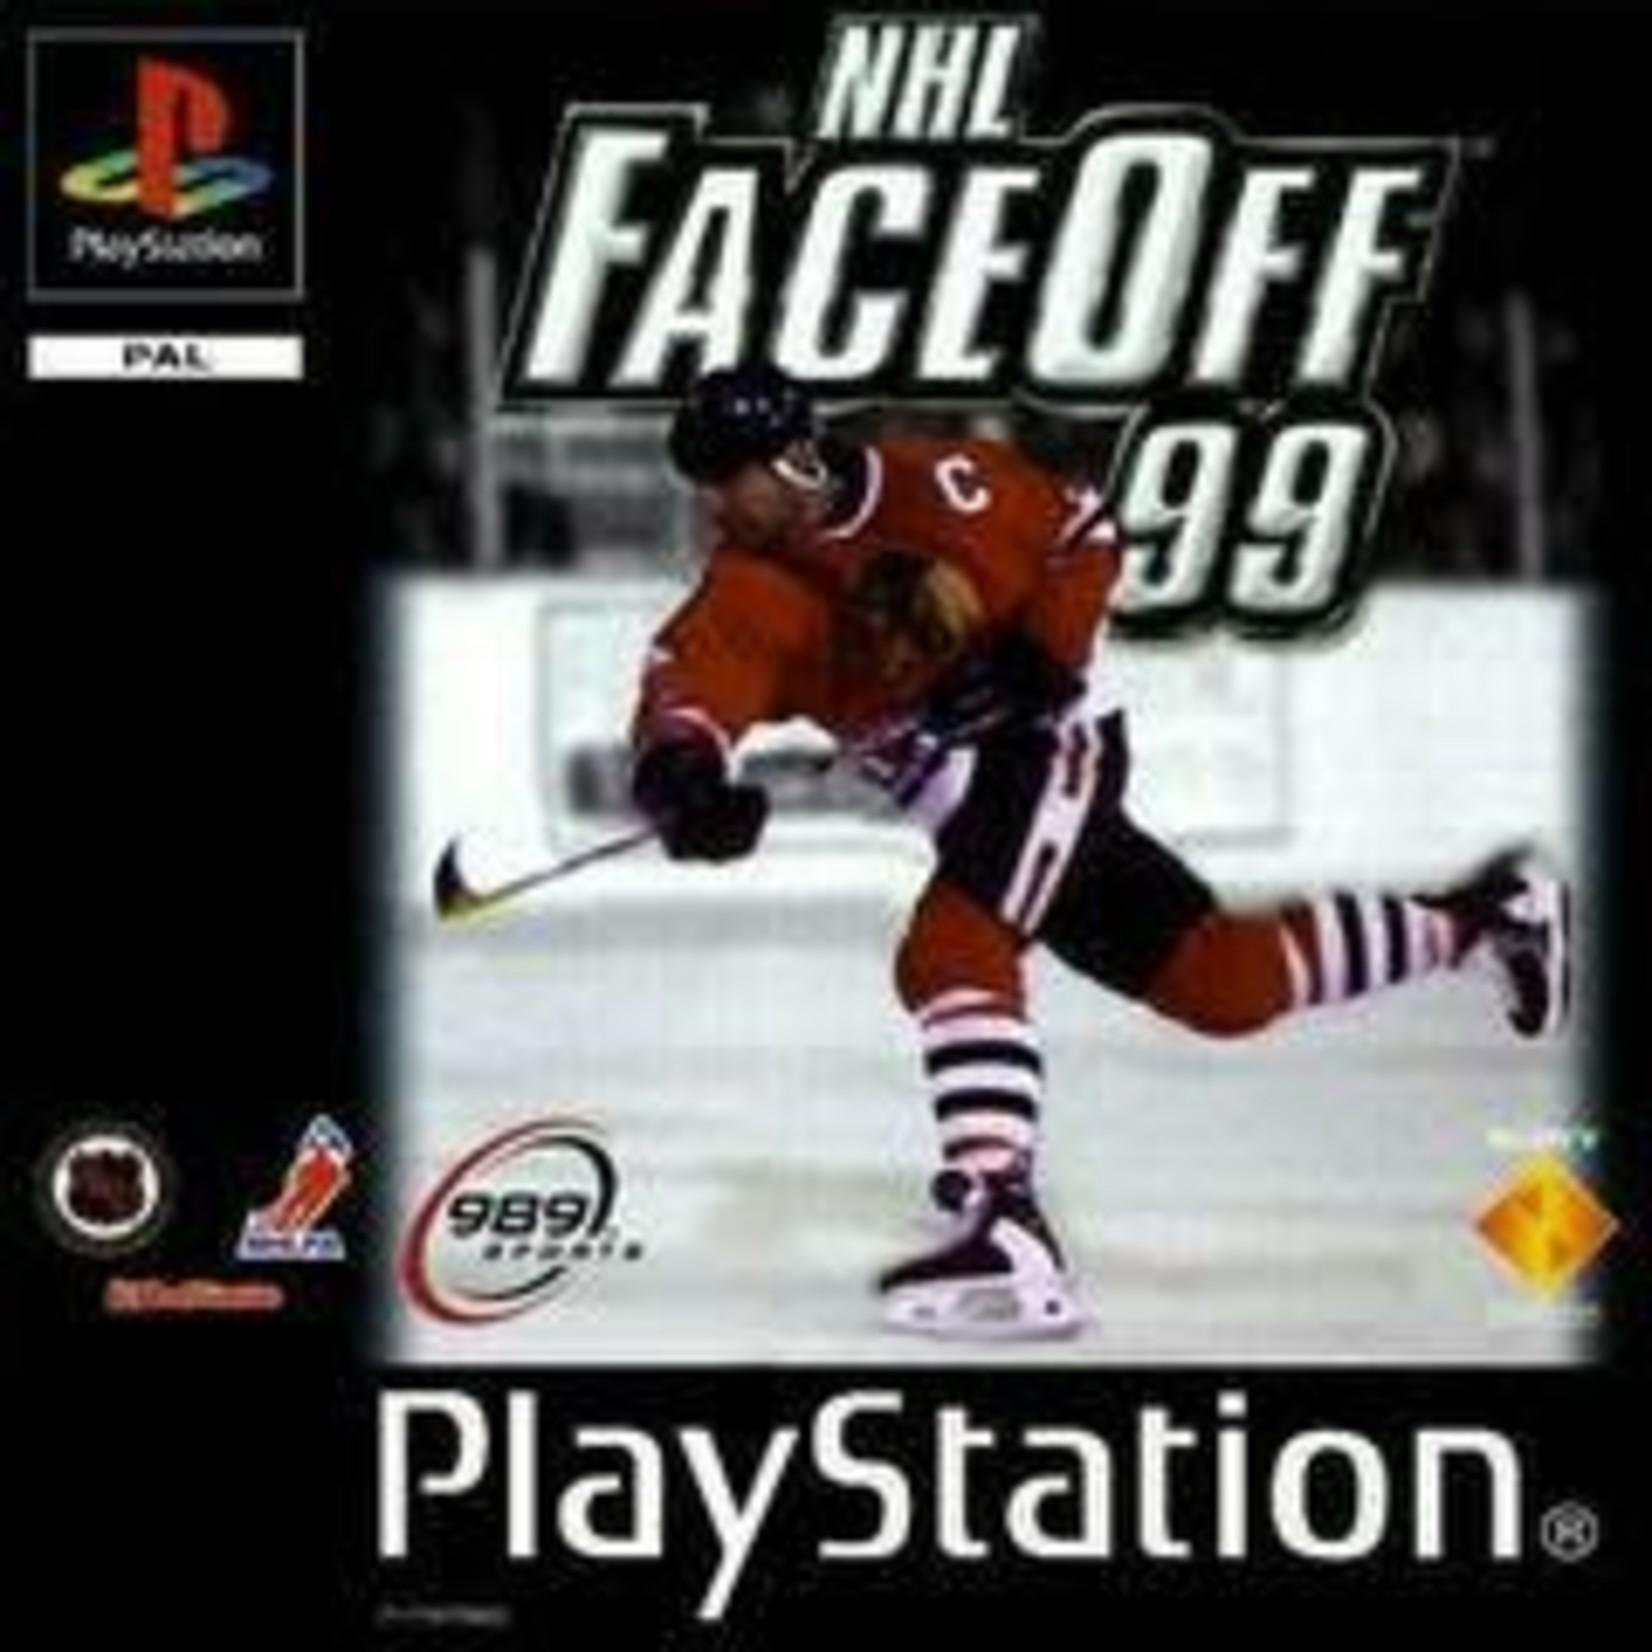 ps1u-NHL FaceOff 99